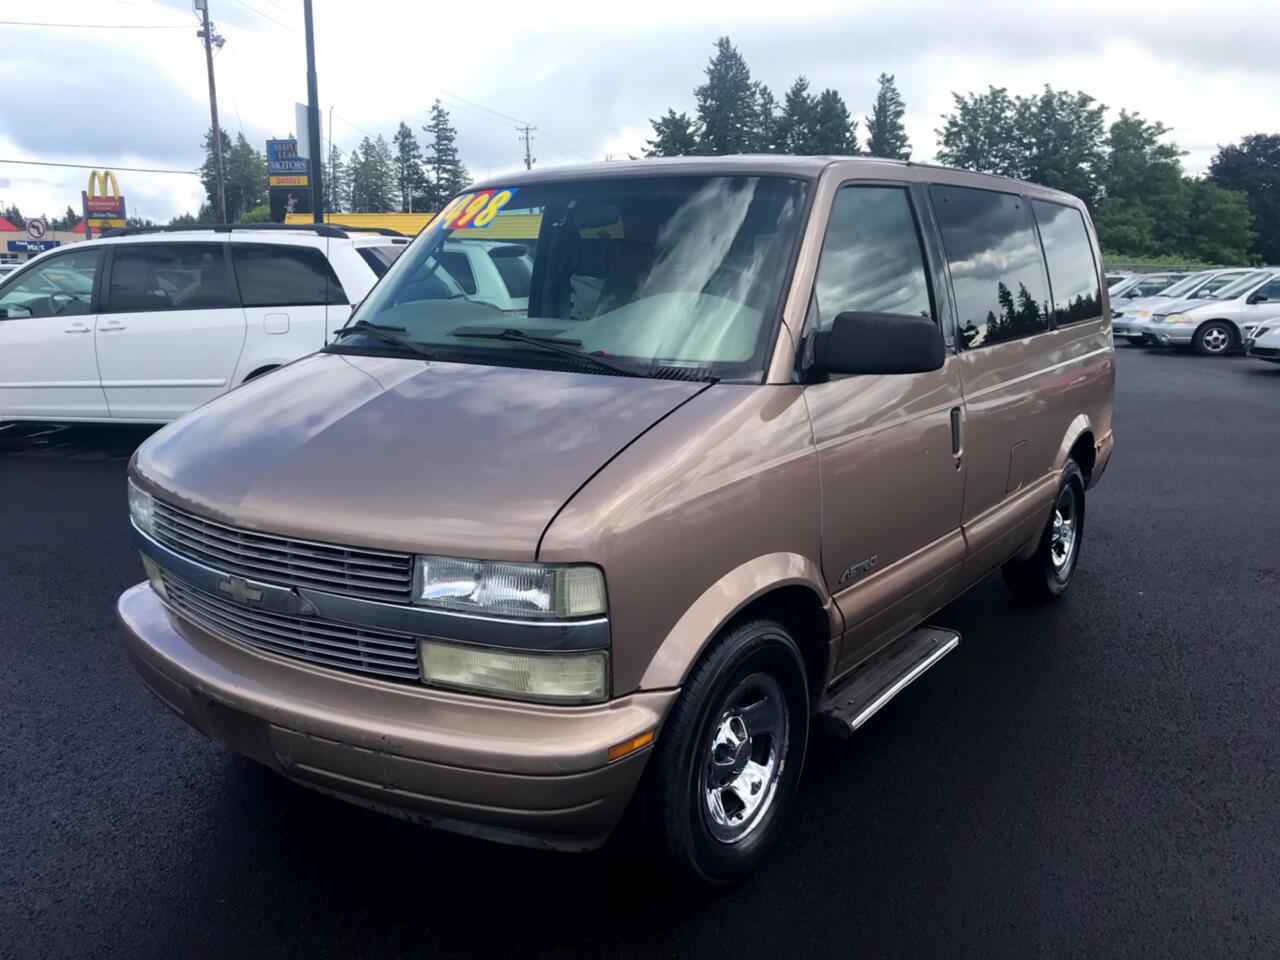 2001 Chevrolet Astro Passenger 111